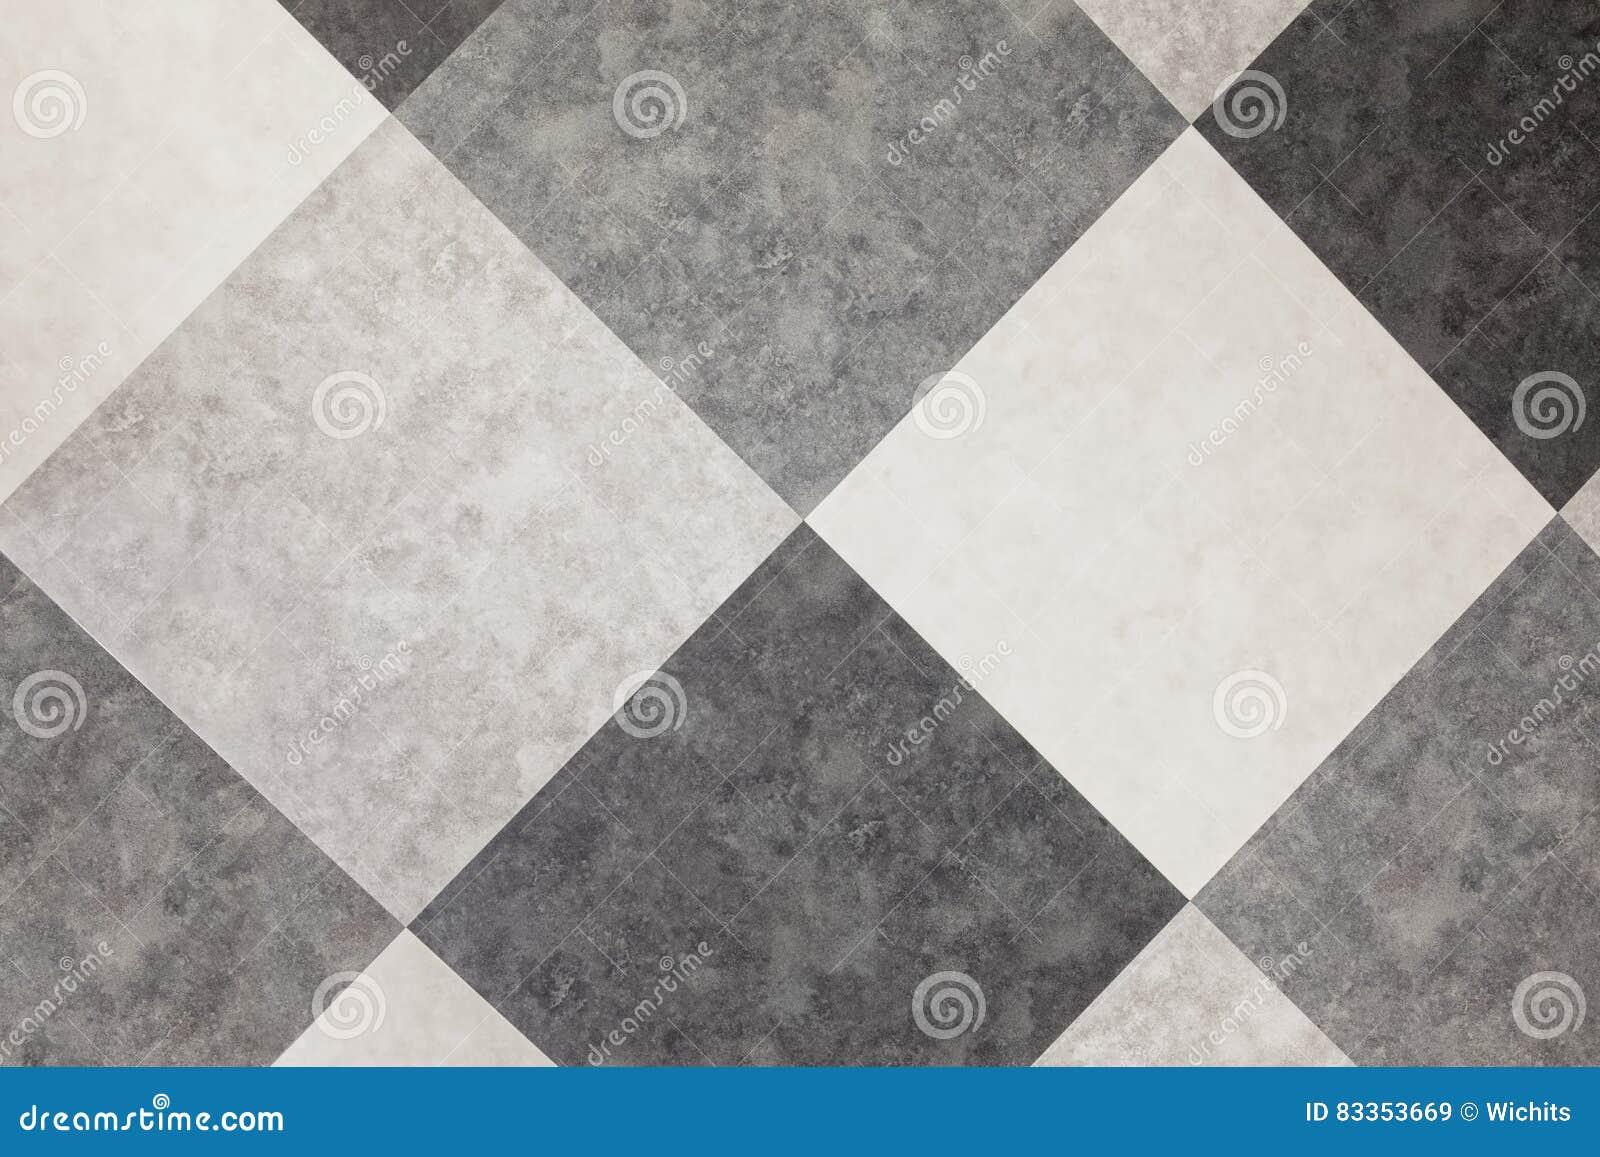 Mattonelle quadrate grige immagine stock. immagine di dynasty 83353669